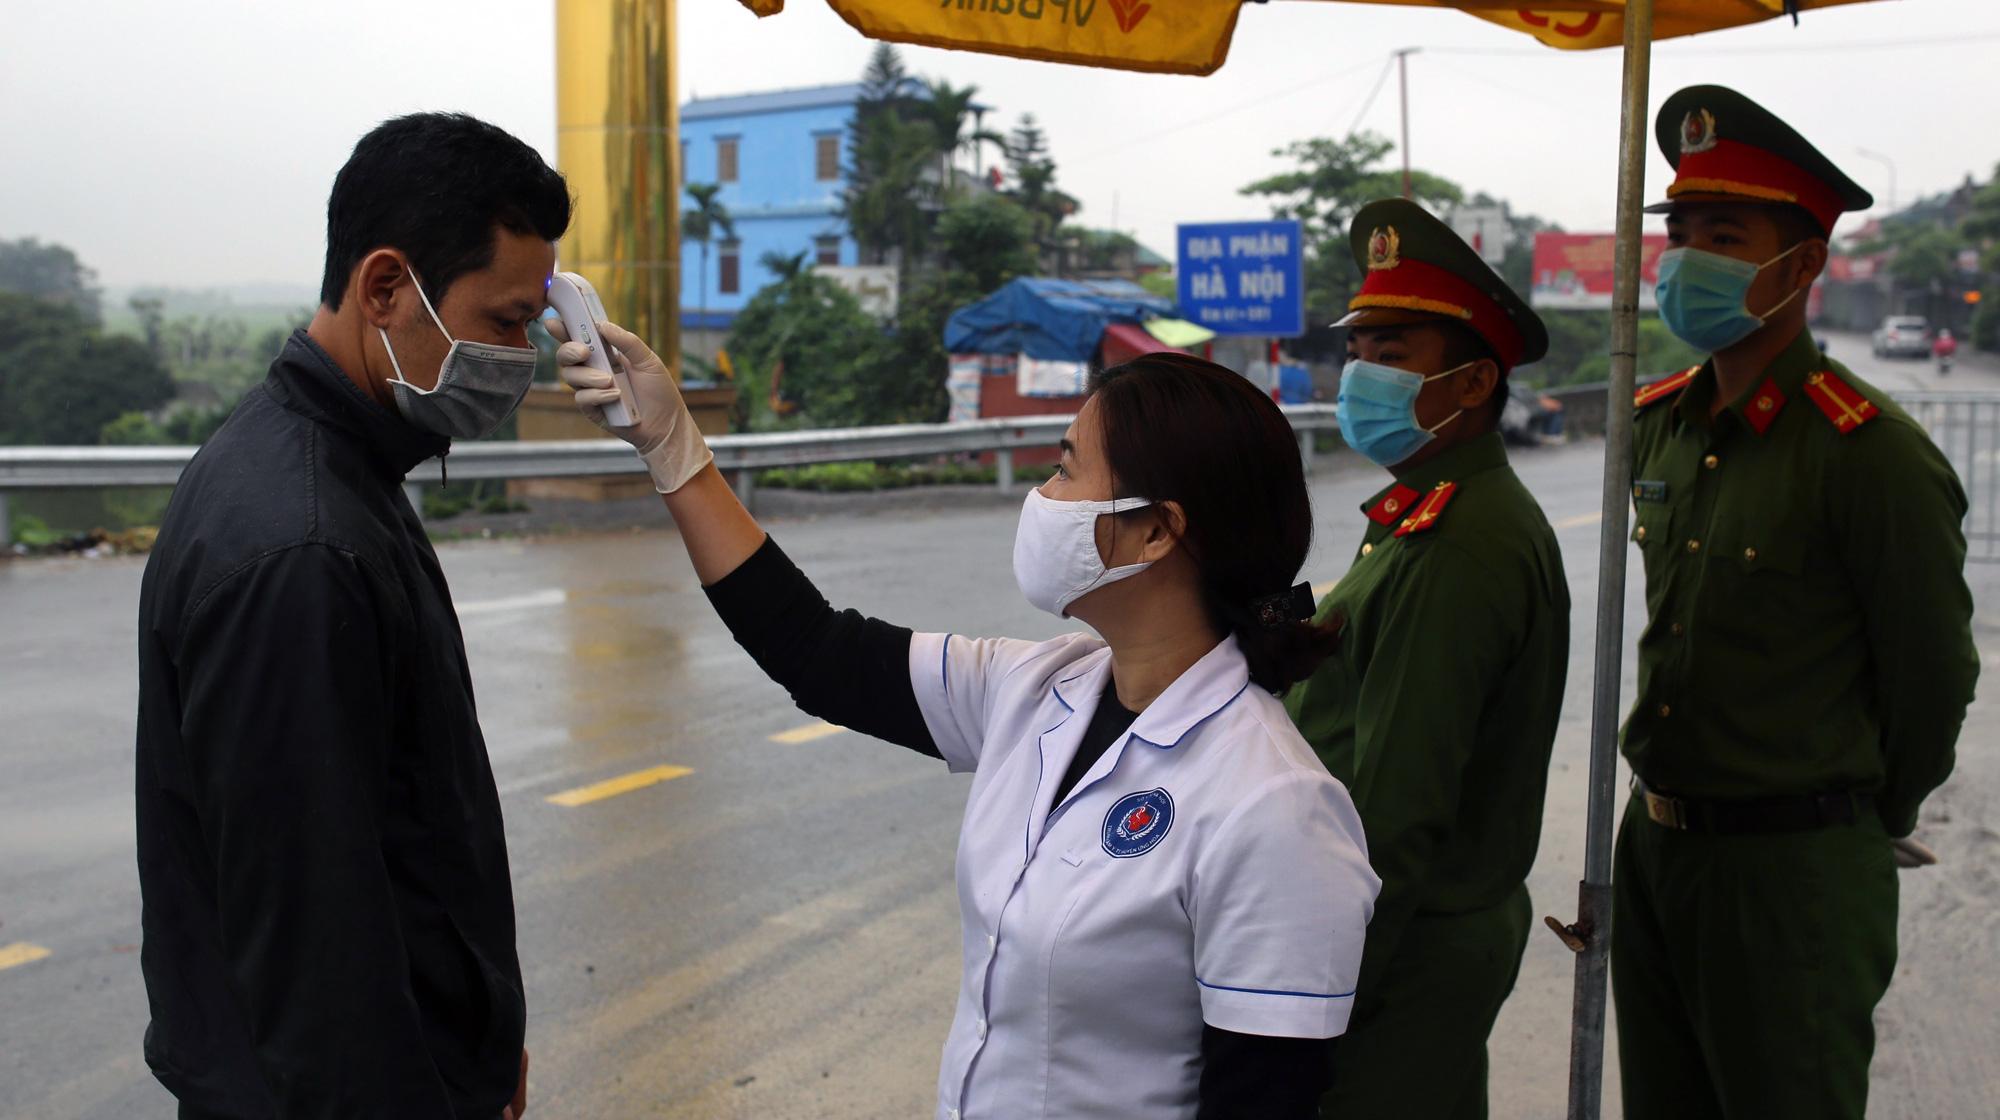 Chốt kiểm soát, giám sát cách li xã hội ở cửa ngõ Thủ đô Hà Nội hoạt động thế nào? - Ảnh 4.